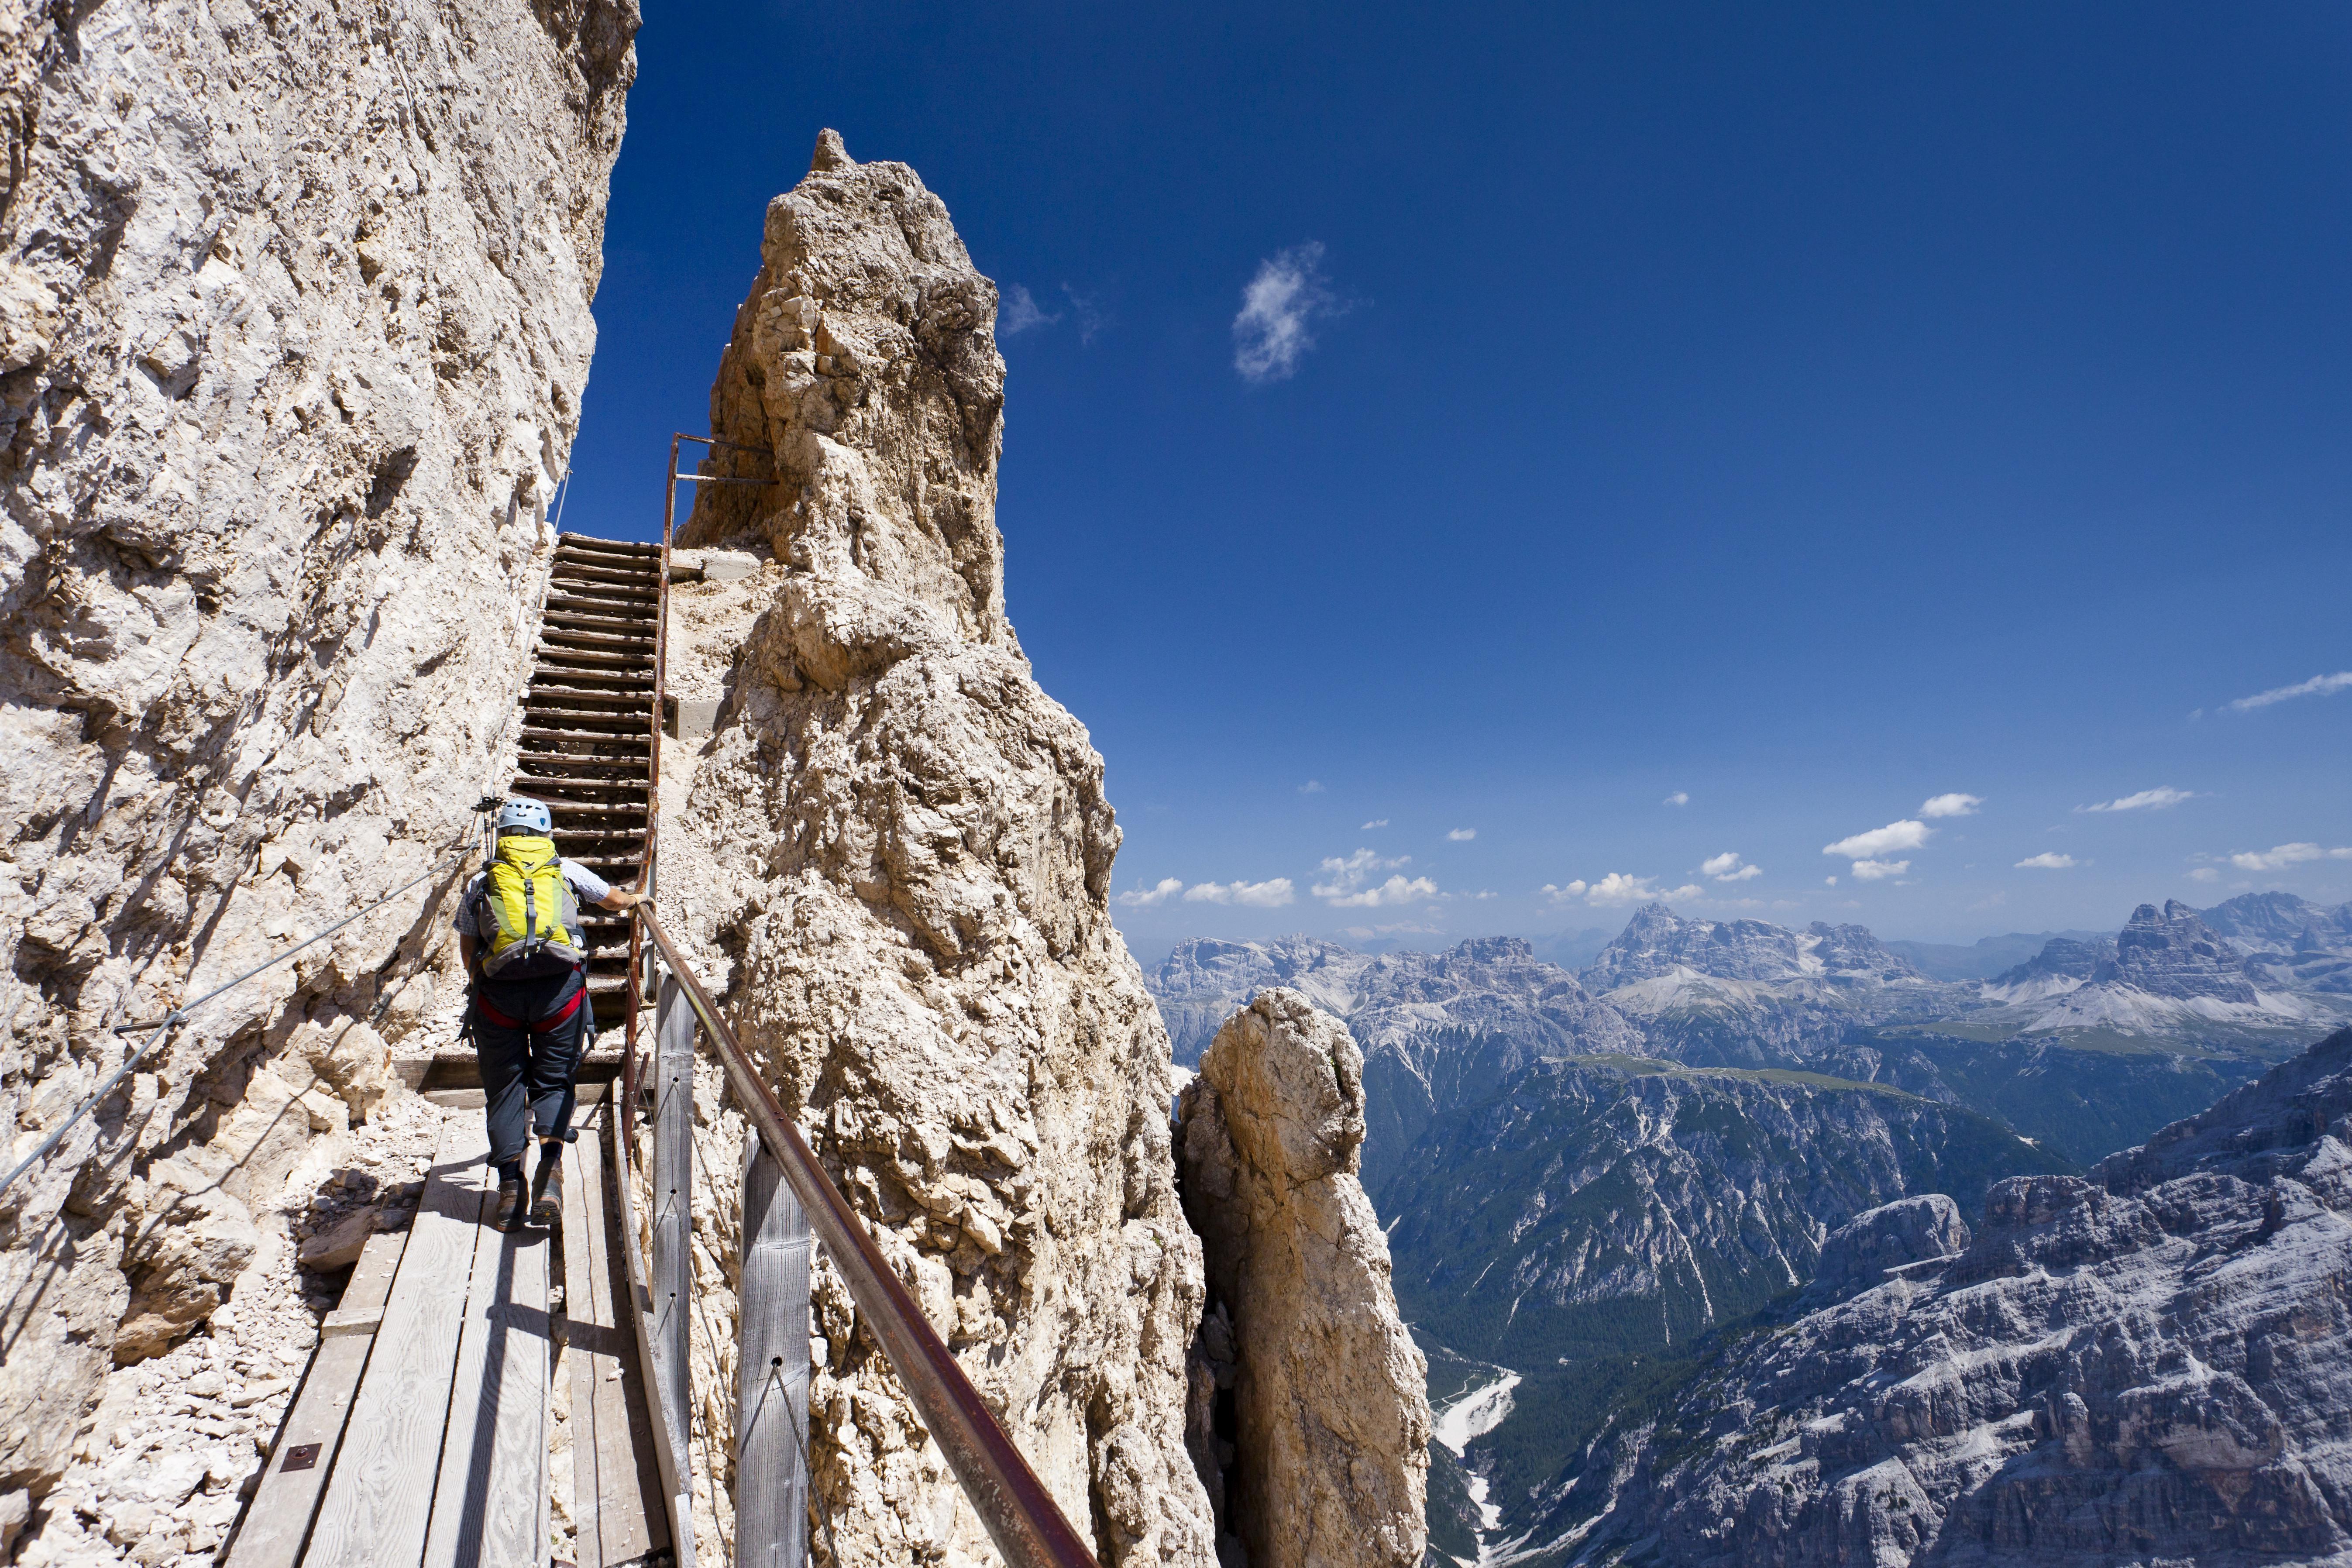 Kletterausrüstung Lagern : Gebrauchte kletterausrüstung bedenkenlos verwenden?